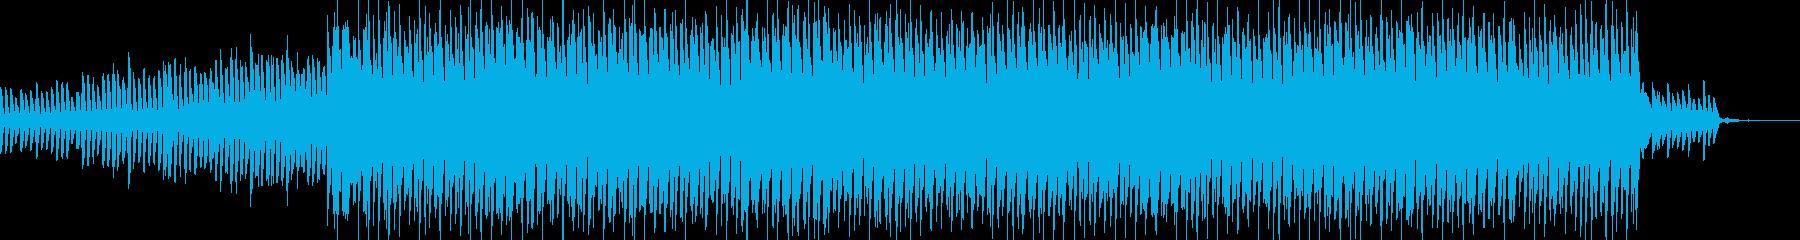 キラキラ系のモノ作りサウンド企業CMの再生済みの波形